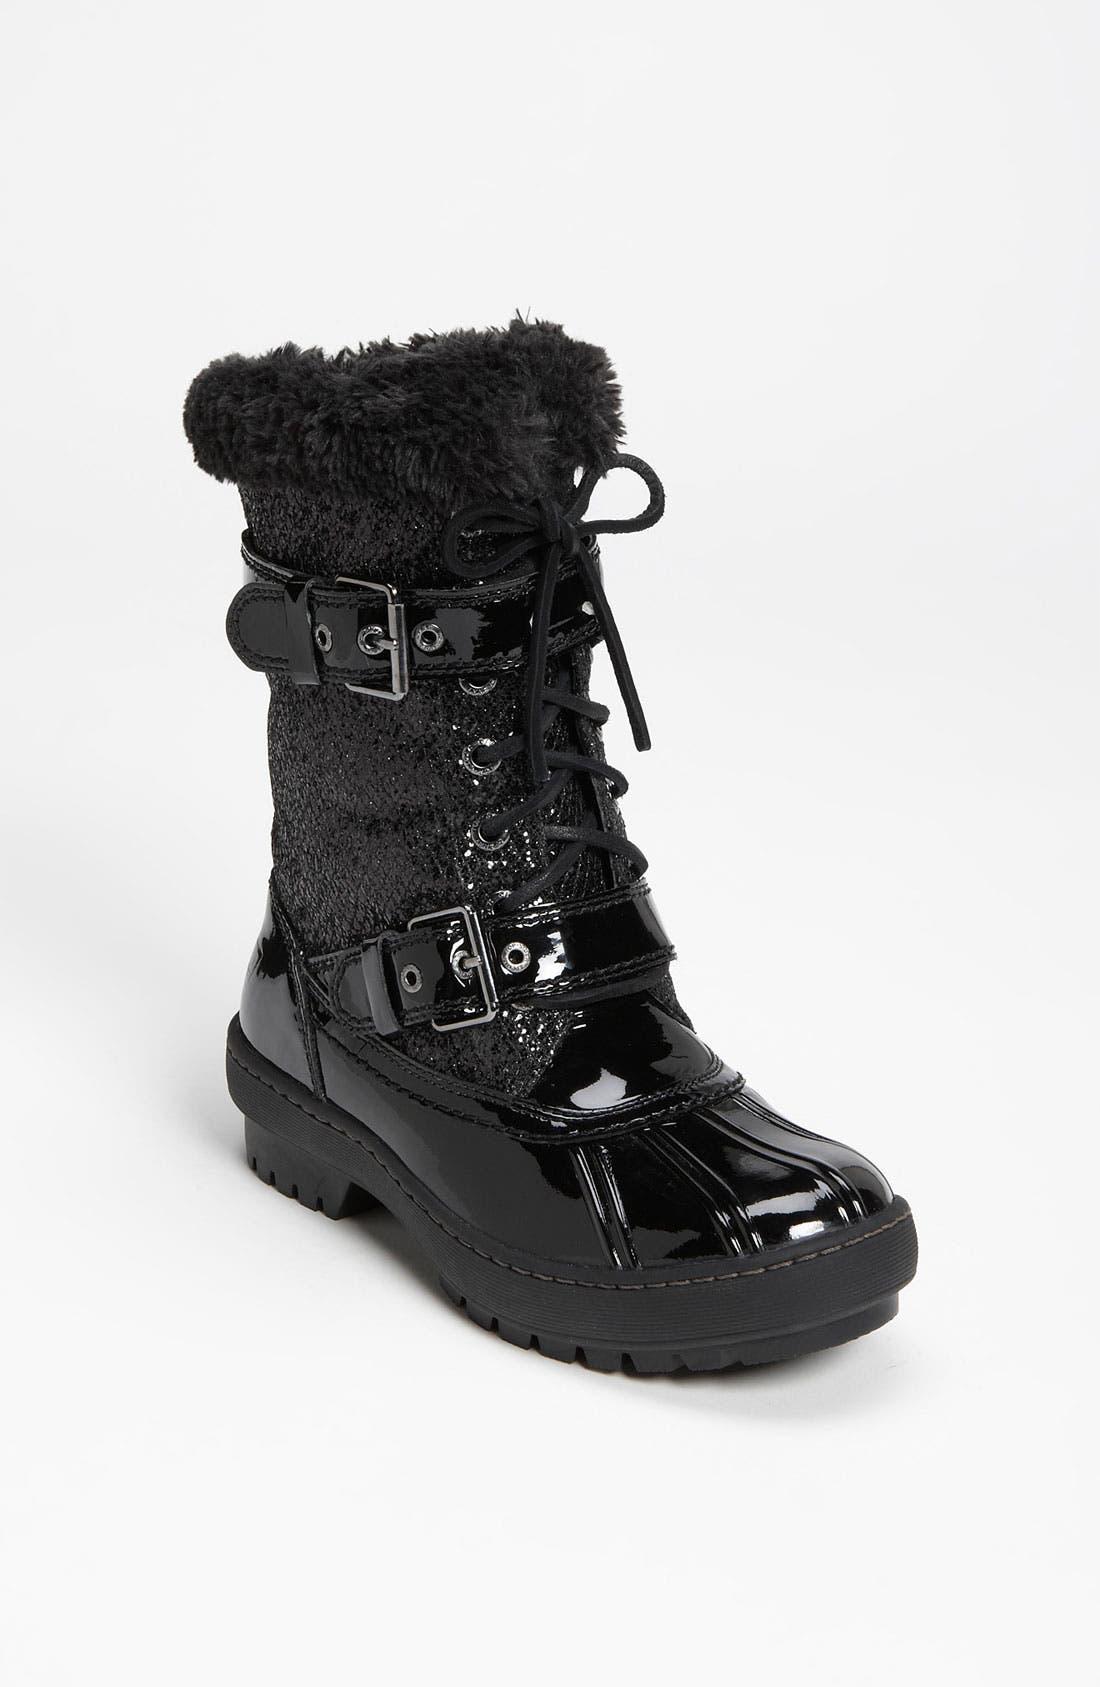 Alternate Image 1 Selected - Sperry Top-Sider® 'Alpine' Waterproof Boot